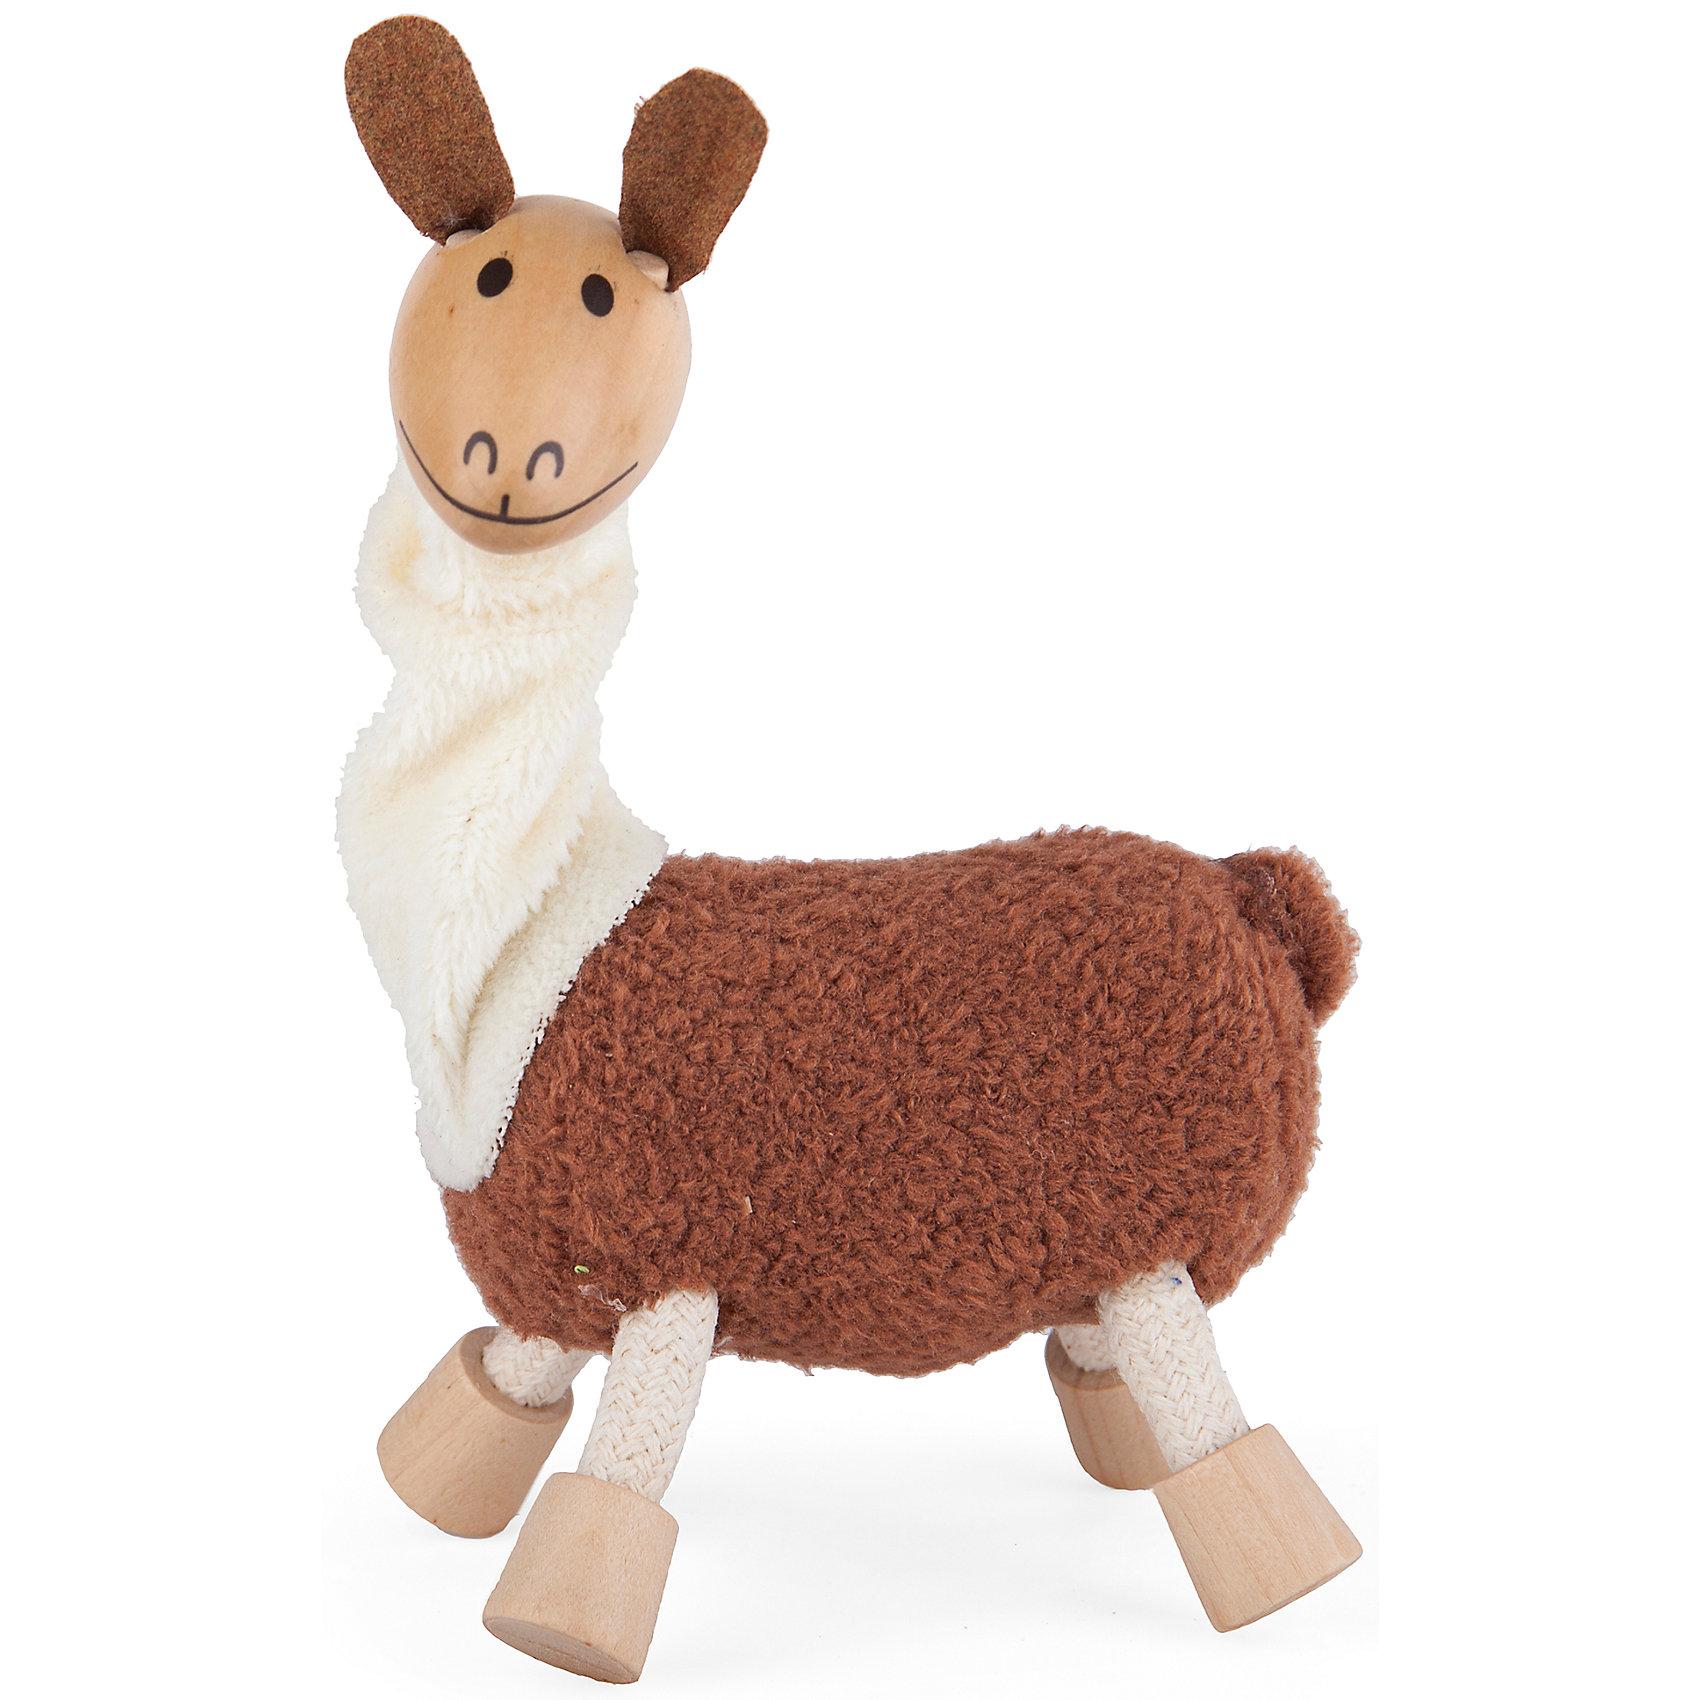 Лама,  AnaMalzМир животных<br>Милые деревянные зверюшки AnaMalz очаруют и детей и их родителей, а их трогательный внешний вид и оригинальный современный дизайн изменят Ваше привычное представление о деревянных игрушках. Придуманные австралийским дизайнером Луизой Косан-Скотт, деревянные фигурки покоряют своим уютом и пластичностью и уже завоевали множество наград, включая международную премию в области дизайна Standards Australia. Для изготовления игрушек используется быстрорастущее игольчатое дерево (schima superba), которое специально выращивают на плантациях. Отдельные детали зверюшек выполнены из натуральных тканей и термопластичной резины (TPR) - безопасного материала, который является экологичной альтернативой пластмассе. Все фигурки AnaMalz раскрашиваются вручную с использованием безопасной для детей краски.<br><br>Очаровательная лама с забавной мордочкой непременно понравится Вашему малышу. Голова и копыта зверюшки выполнены из дерева, а ушки, туловище и подвижная шея - из мягких текстильных тканей. Ноги сделаны из гибкой веревки и гнутся в разные стороны, что позволяет ламе принимать различные позы. Игрушка, выполненная из дерева и различных фактур, способствует развитию у ребенка тактильного восприятия и мелкой моторики.<br><br>Дополнительная информация:<br><br>- Материал: дерево, ткань.<br>- Размер игрушки: 10 х 4 х 11 см.<br>- Вес: 50 гр.<br><br>Ламу, AnaMalz, можно купить в нашем интернет-магазине.<br><br>Ширина мм: 11<br>Глубина мм: 4<br>Высота мм: 10<br>Вес г: 46<br>Возраст от месяцев: 36<br>Возраст до месяцев: 168<br>Пол: Унисекс<br>Возраст: Детский<br>SKU: 4010625